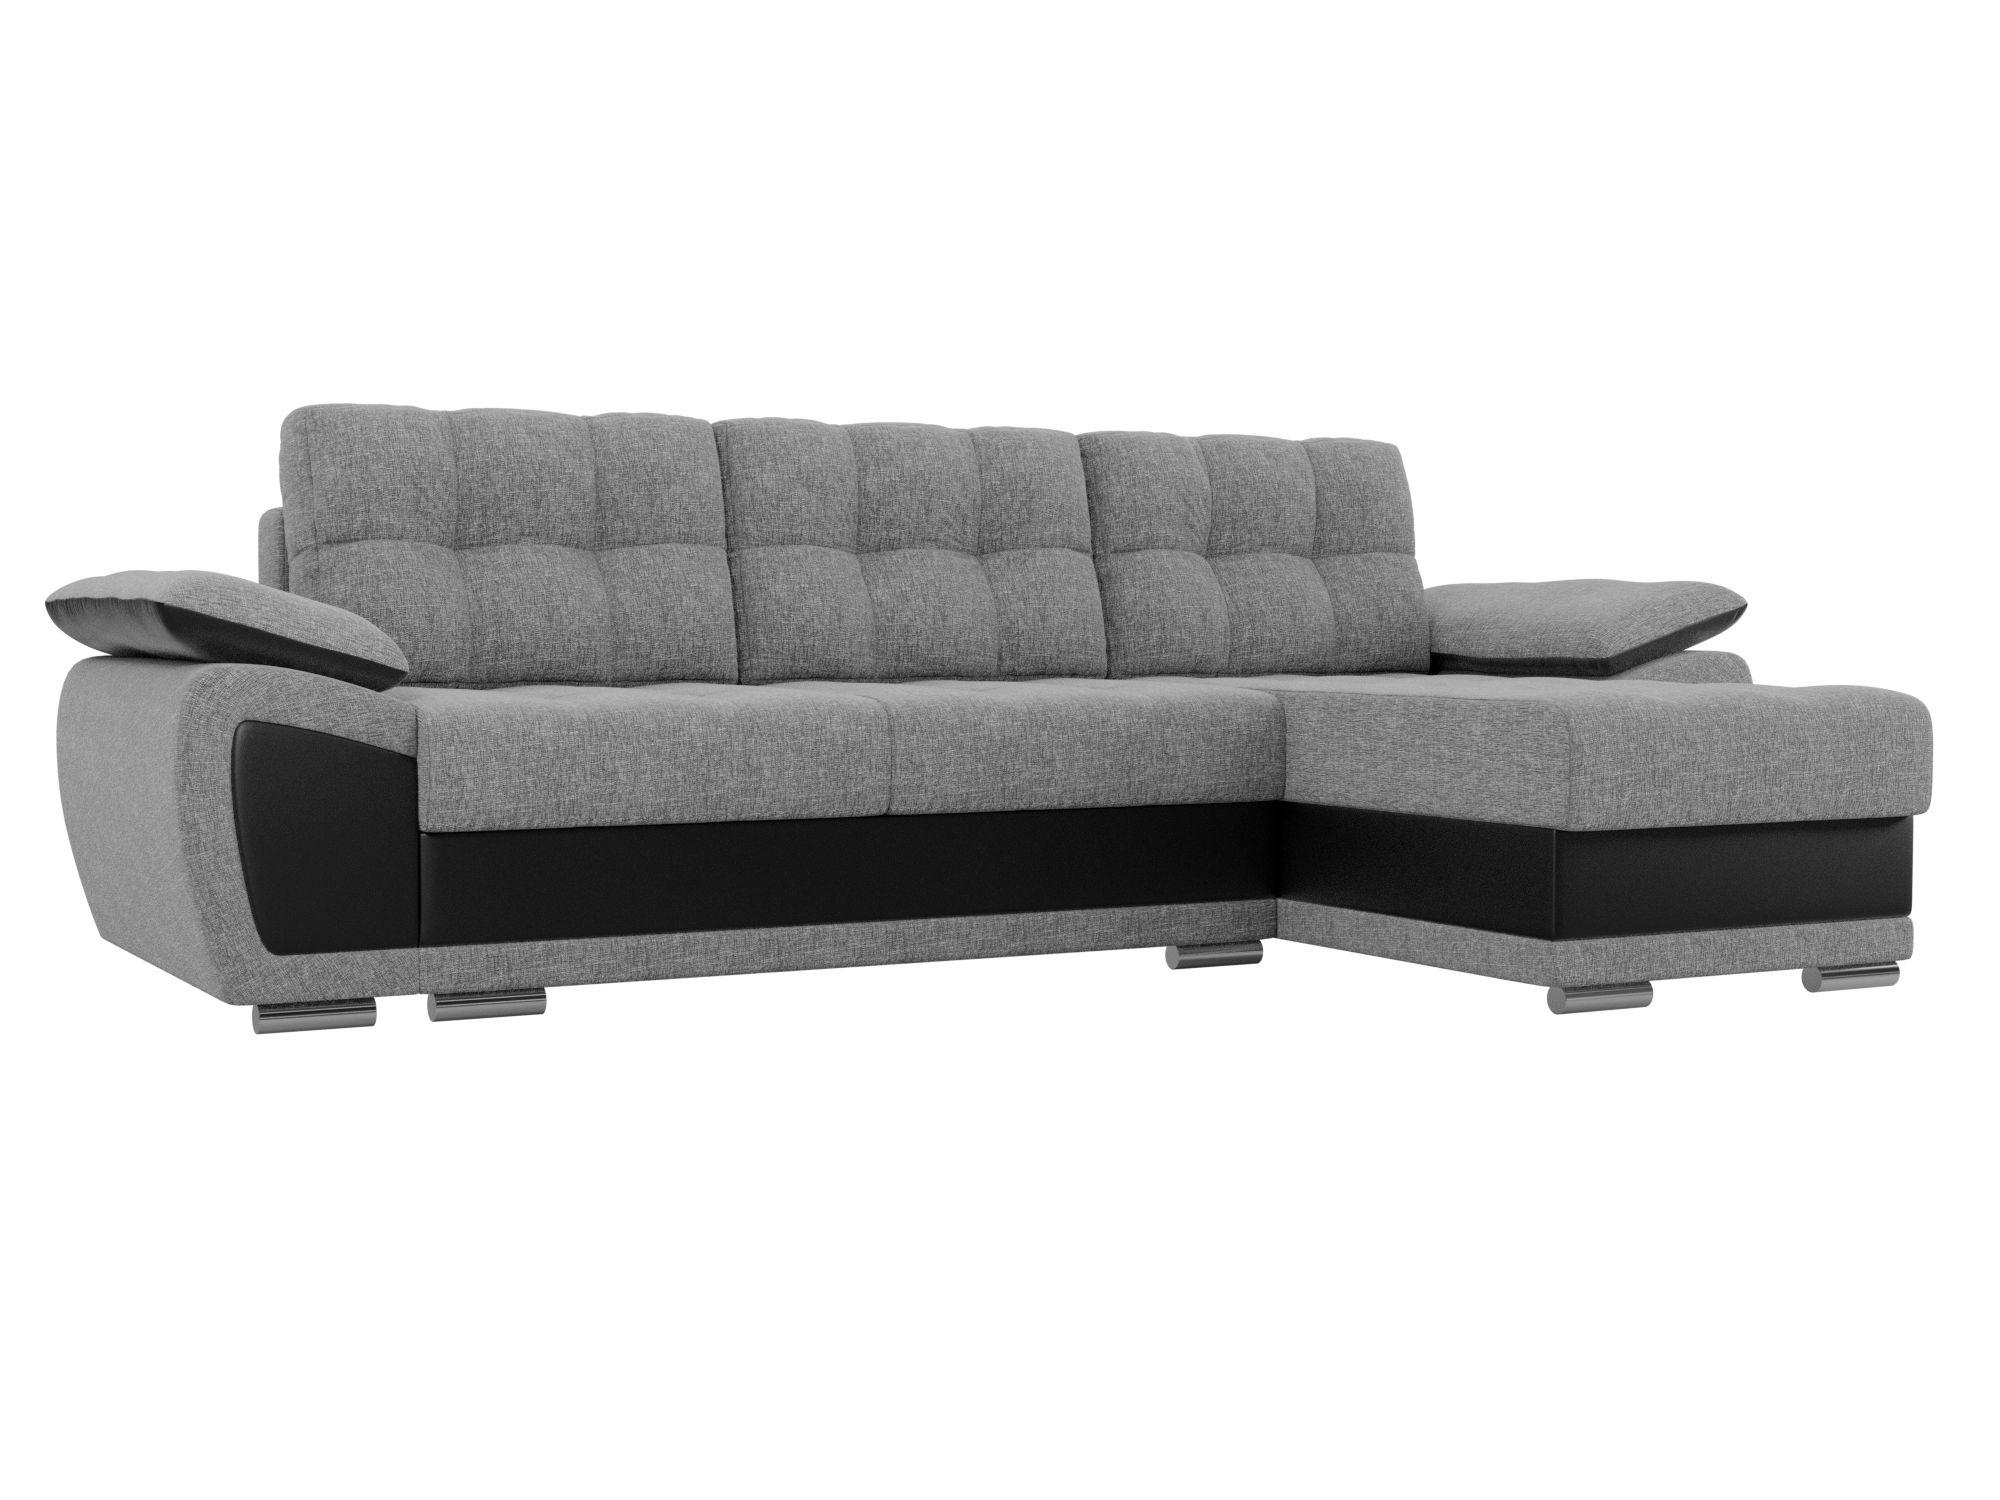 Угловой диван Нестор (Риттэр) Правый MebelVia Серый, Черный